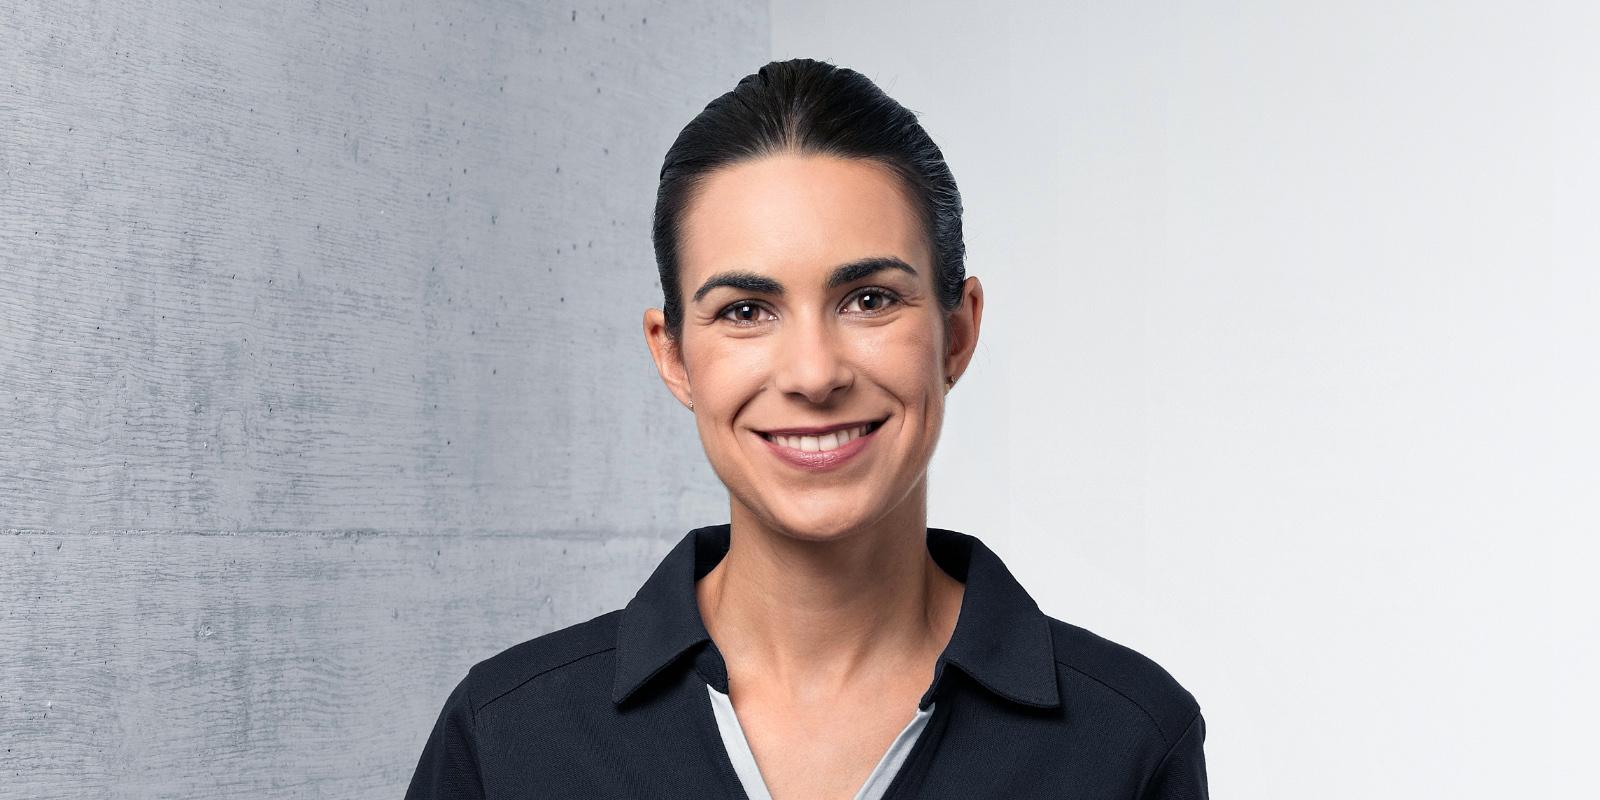 Dr. med. Anna Balazs